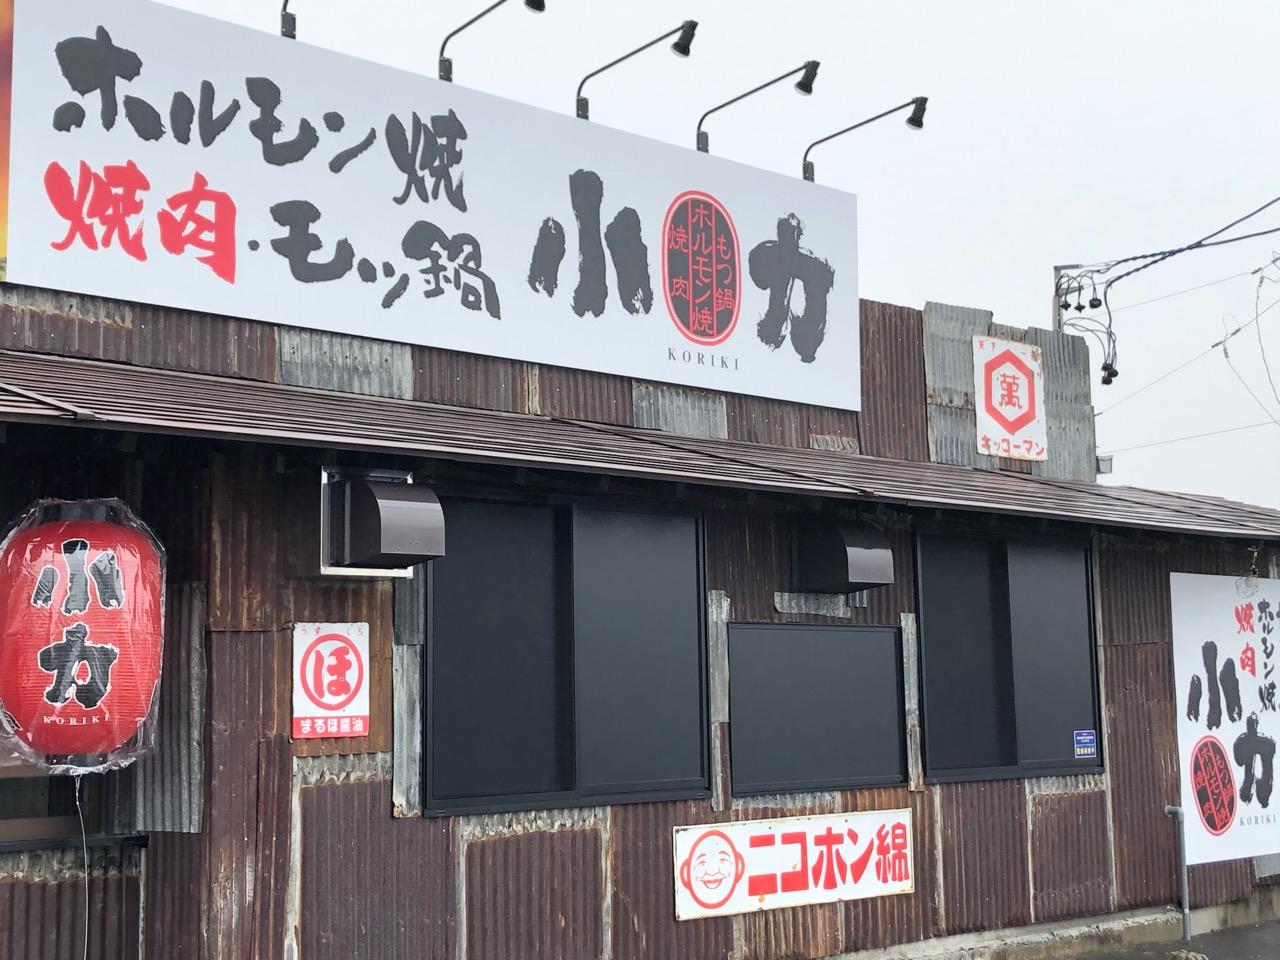 2020年2月14日にオープンする小力豊田店